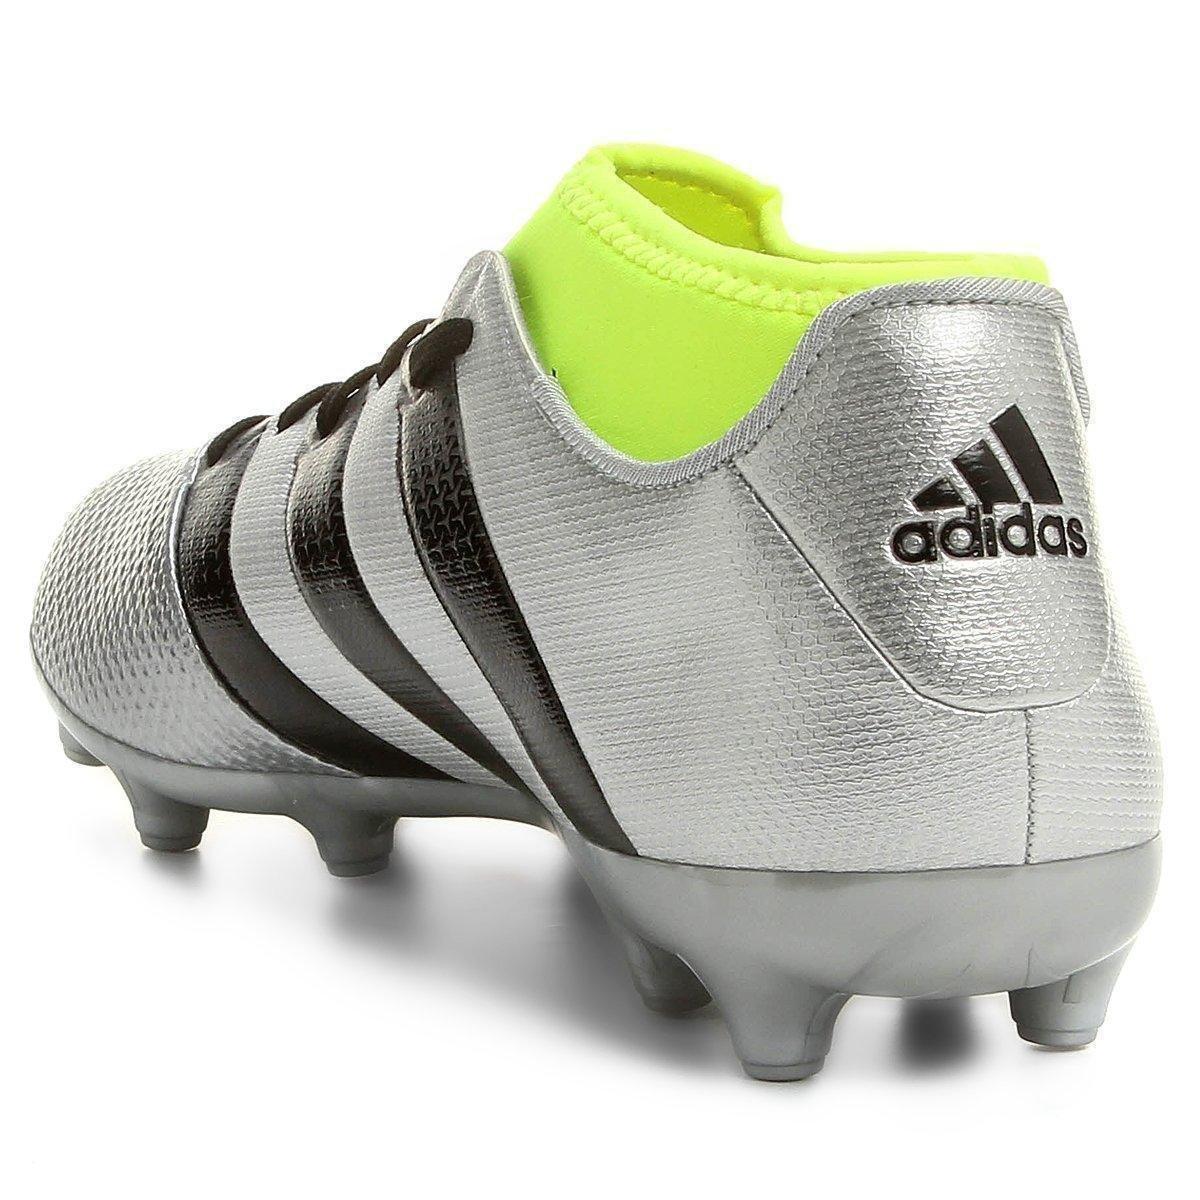 Chuteira Adidas Ace 16.3 Primemesh FG Campo - Compre Agora  214885e827400